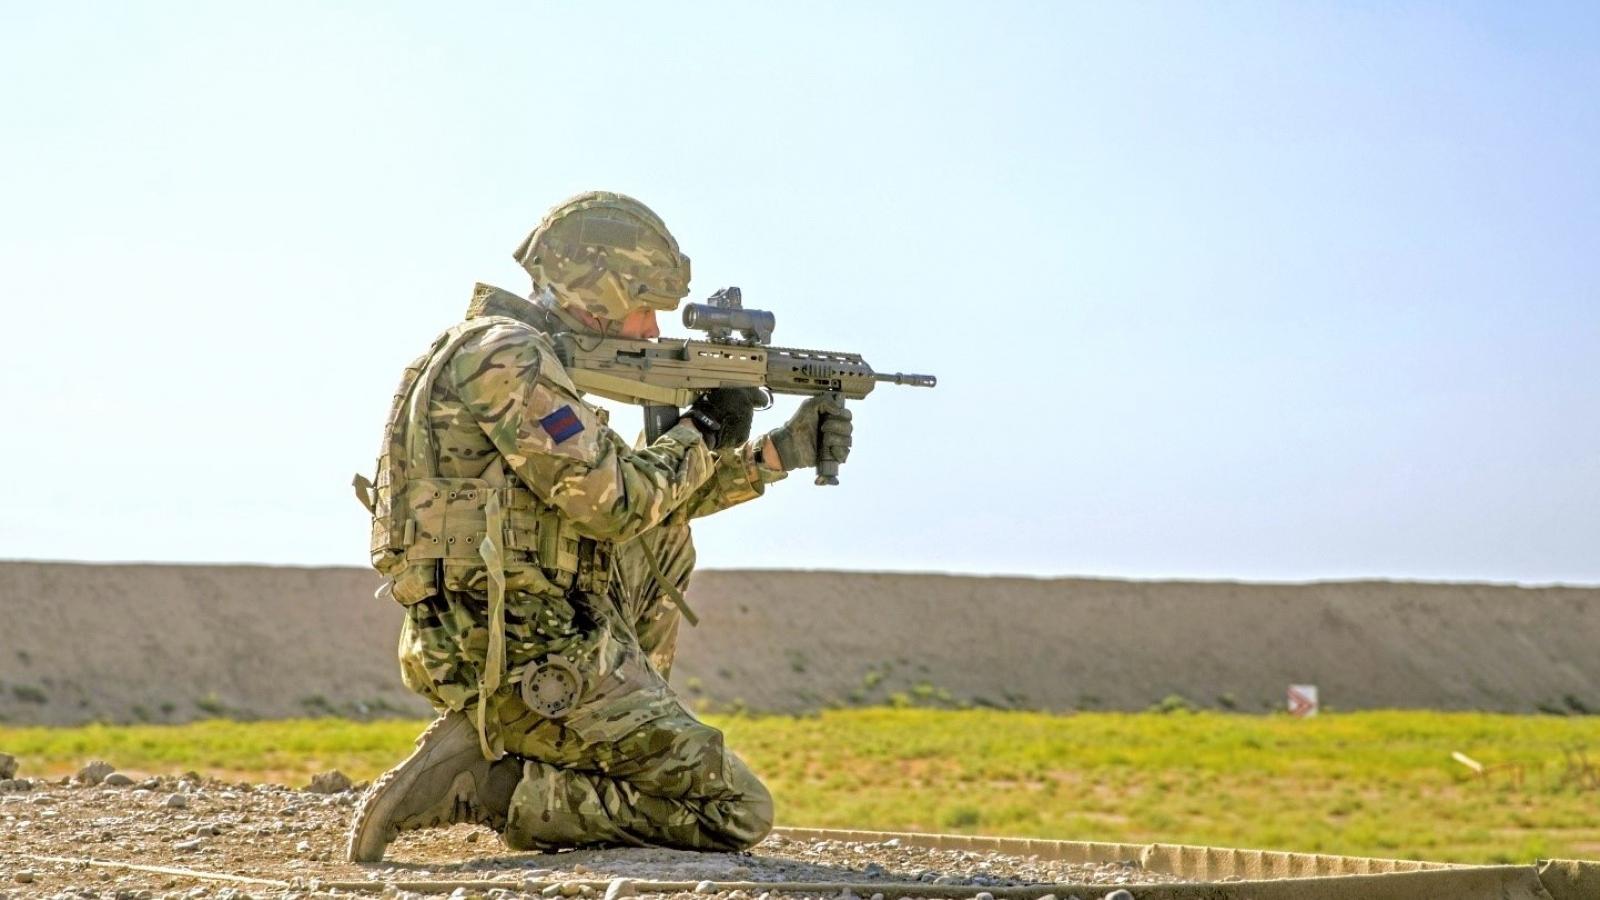 Anh lên kế hoạch thay súng bộ binh cá nhân từ 2025